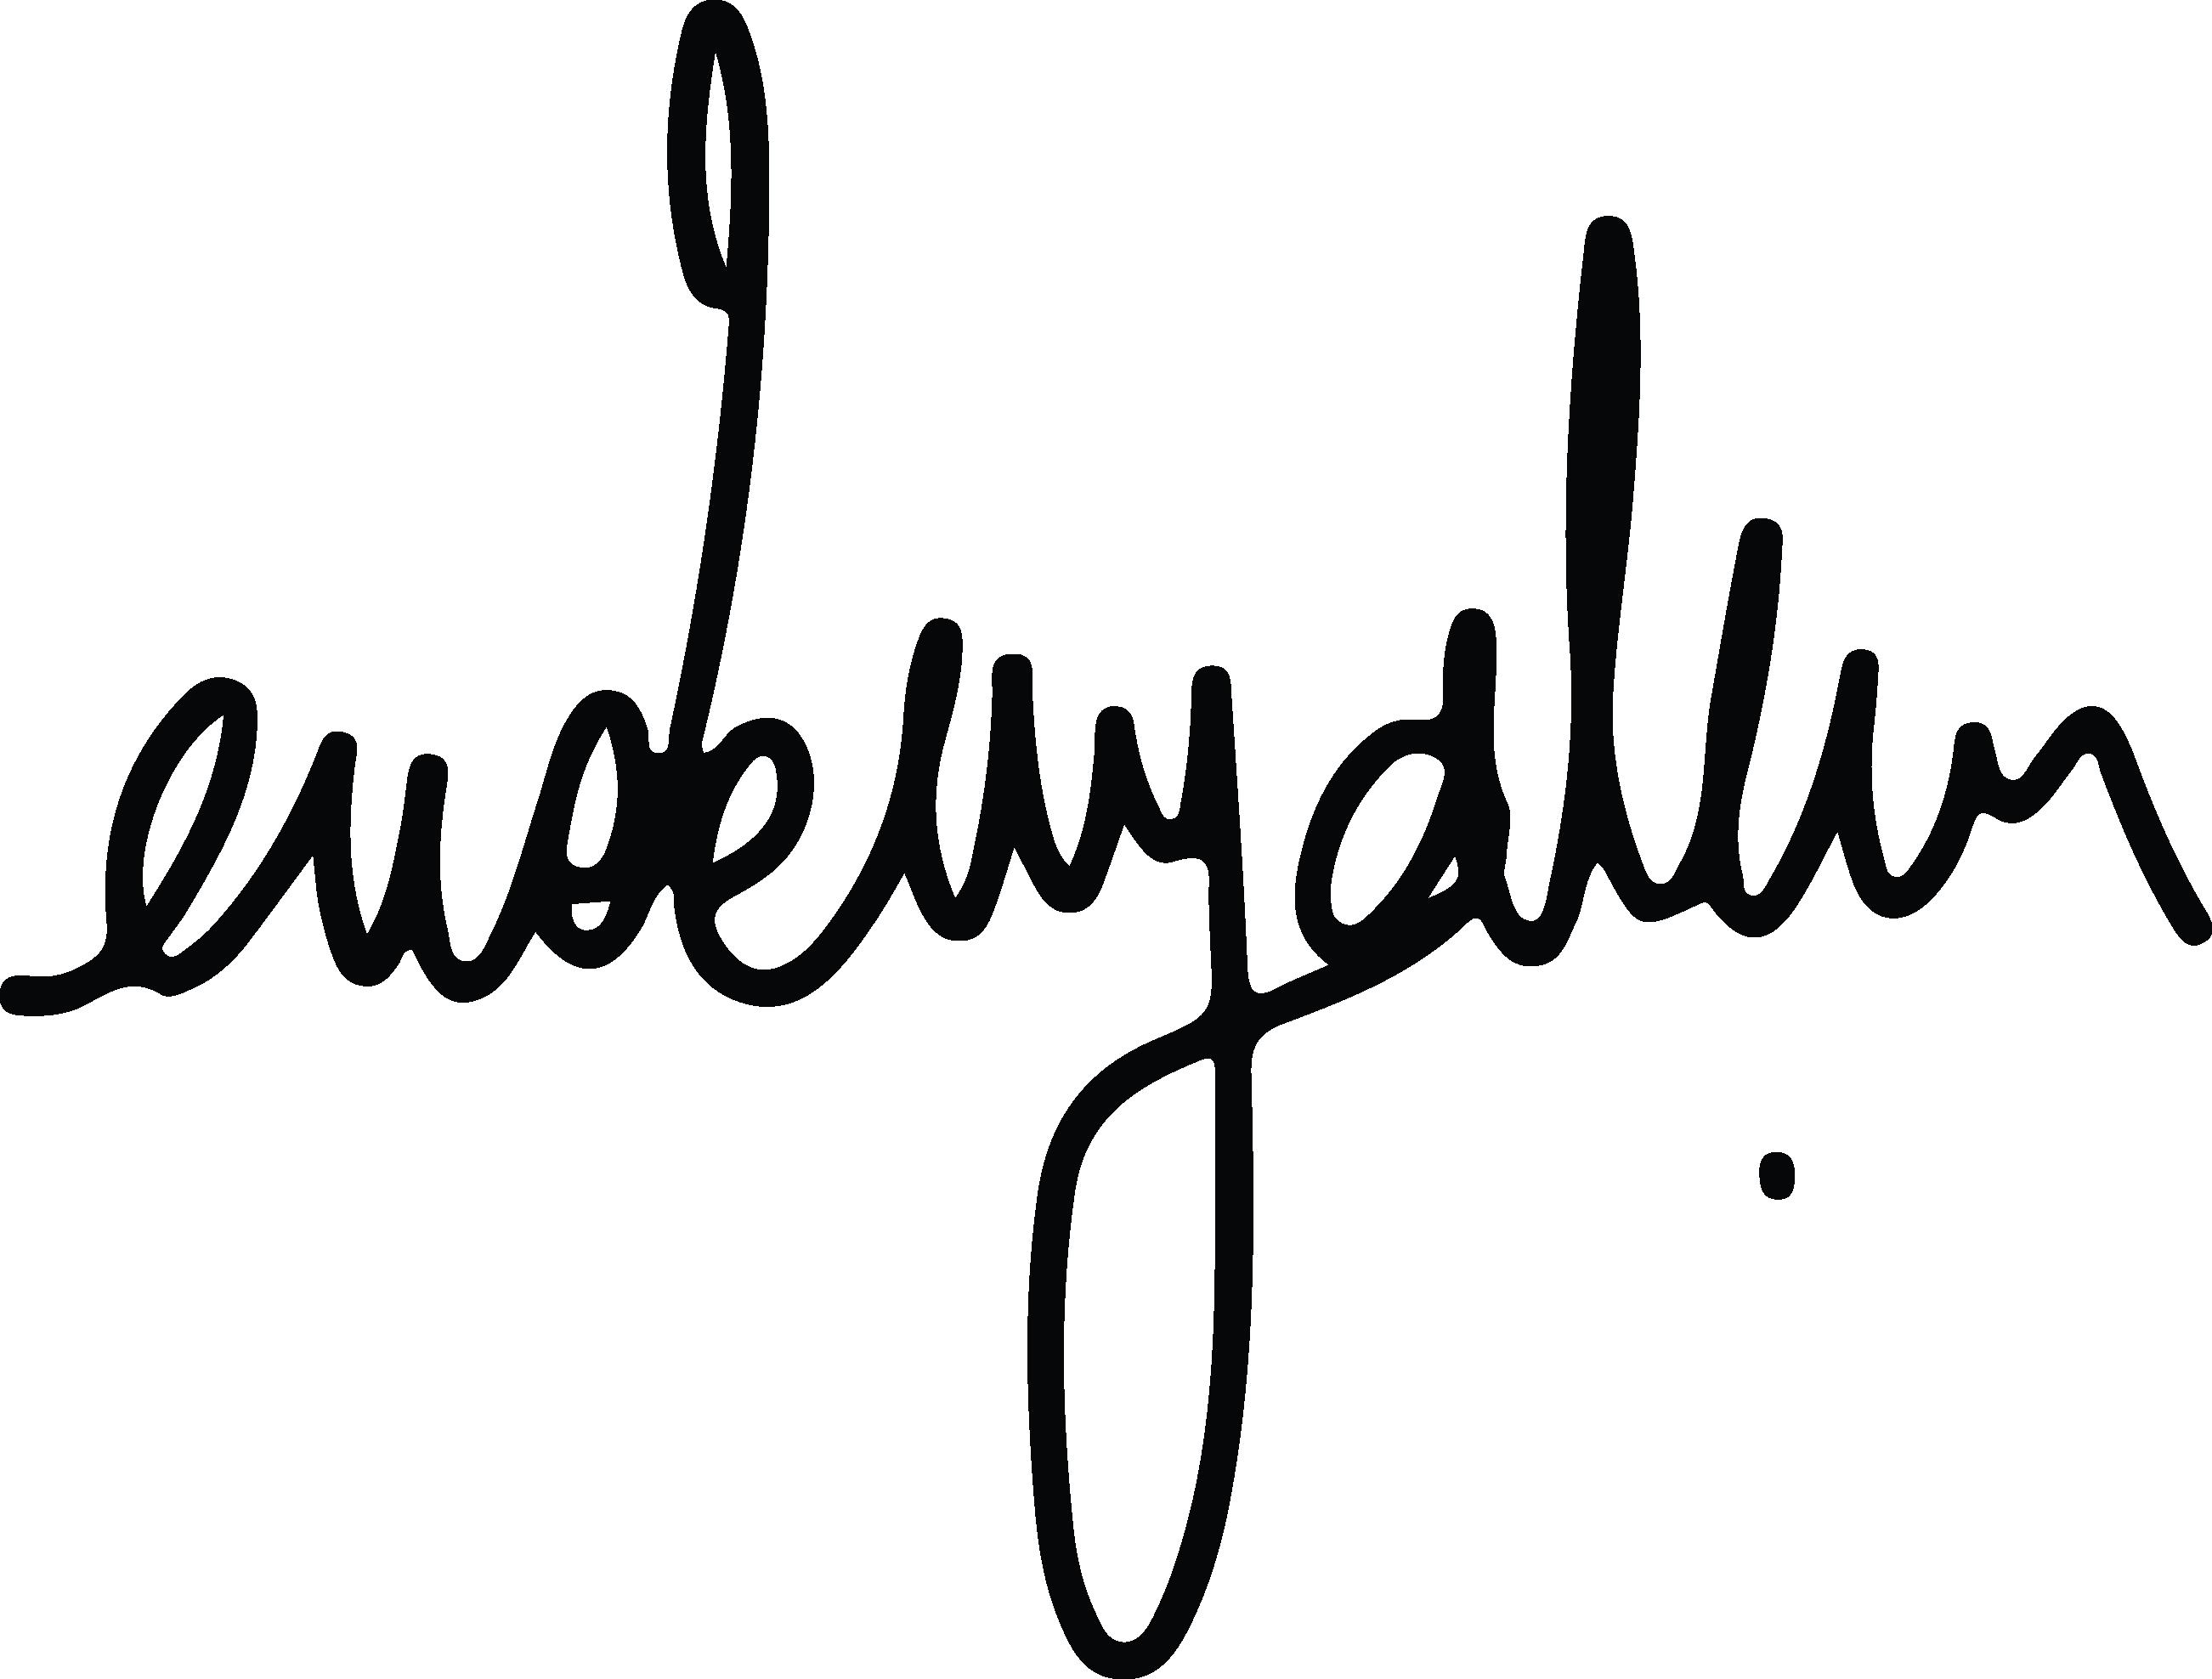 Erdem yalçın Signature